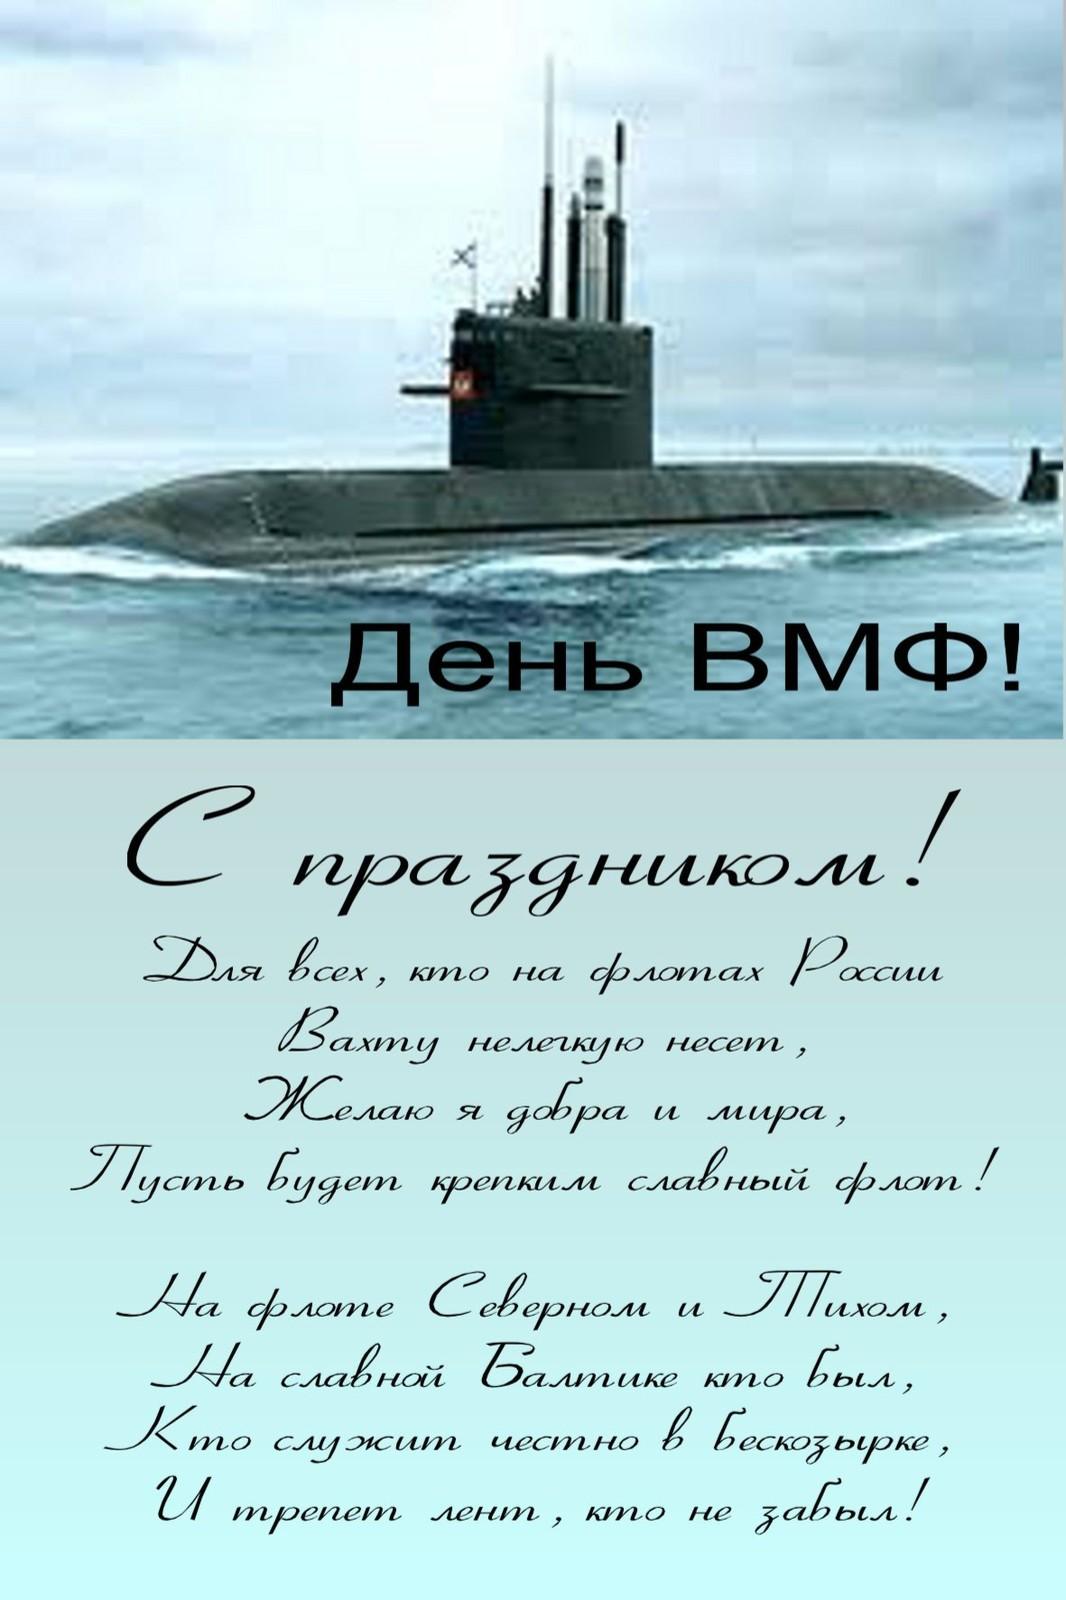 поздравление к дню военно морского флота какого времени стали